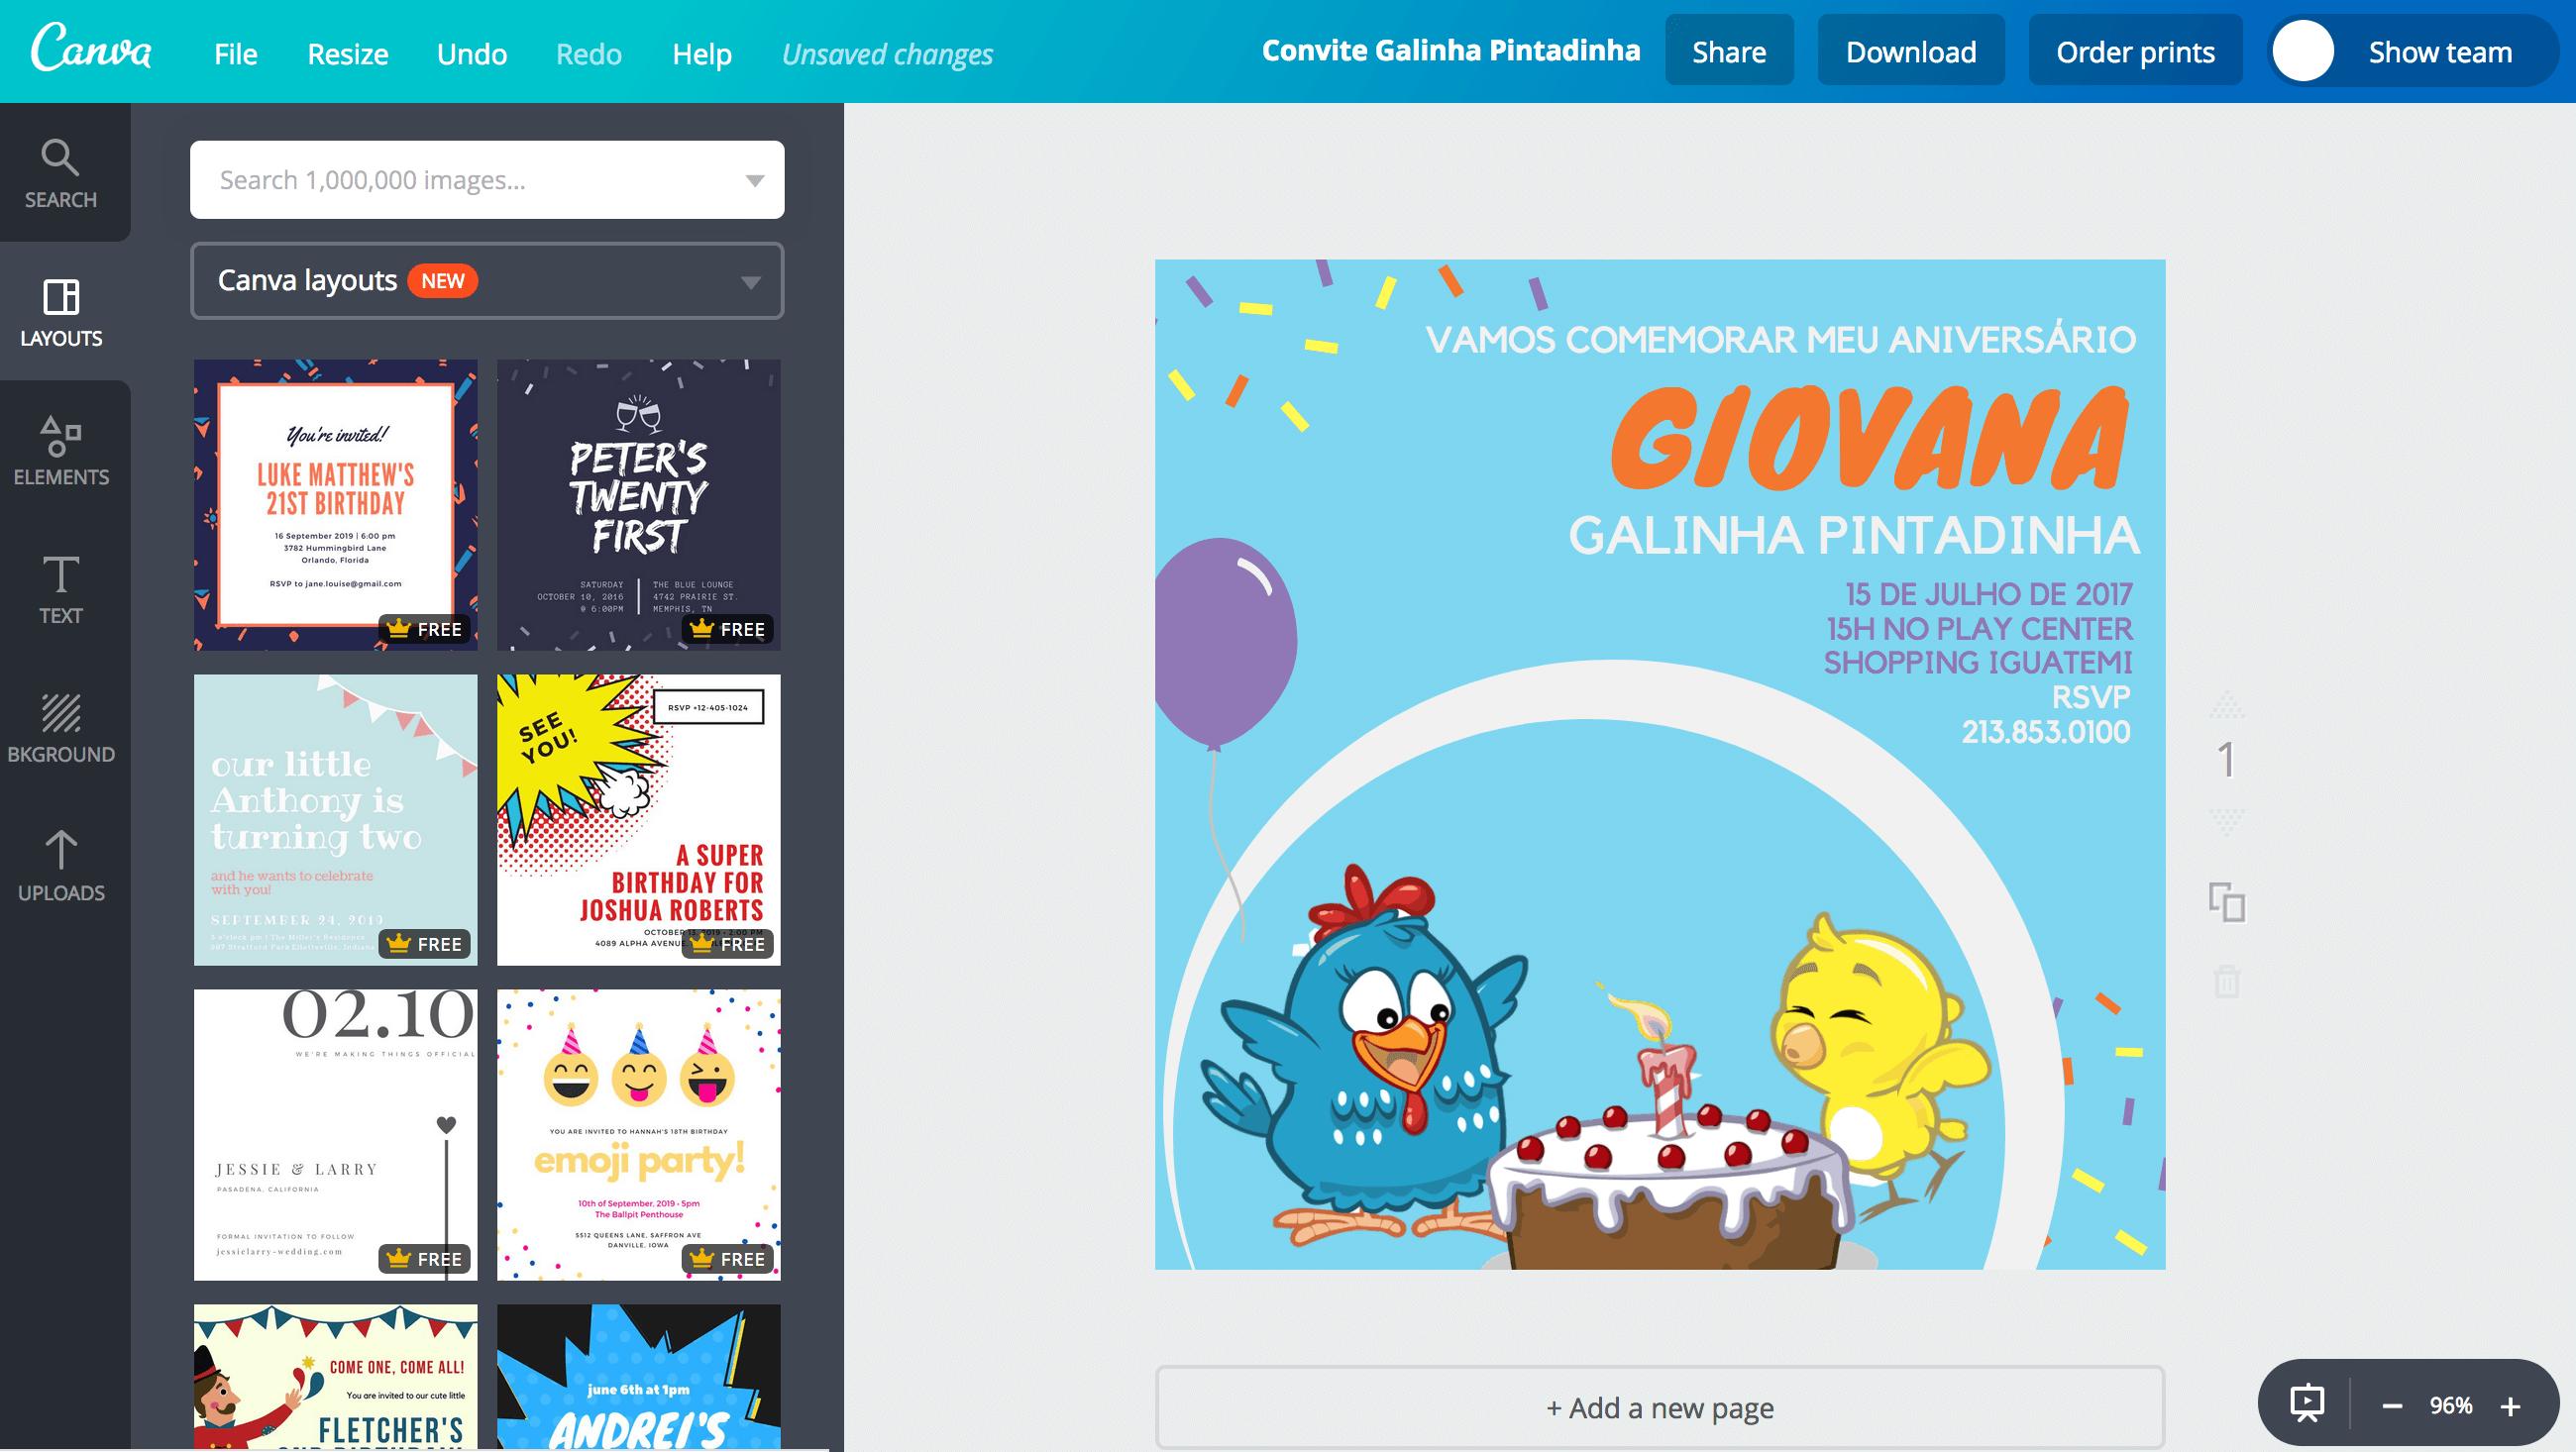 Convite de aniversário Galinha Pintadinha